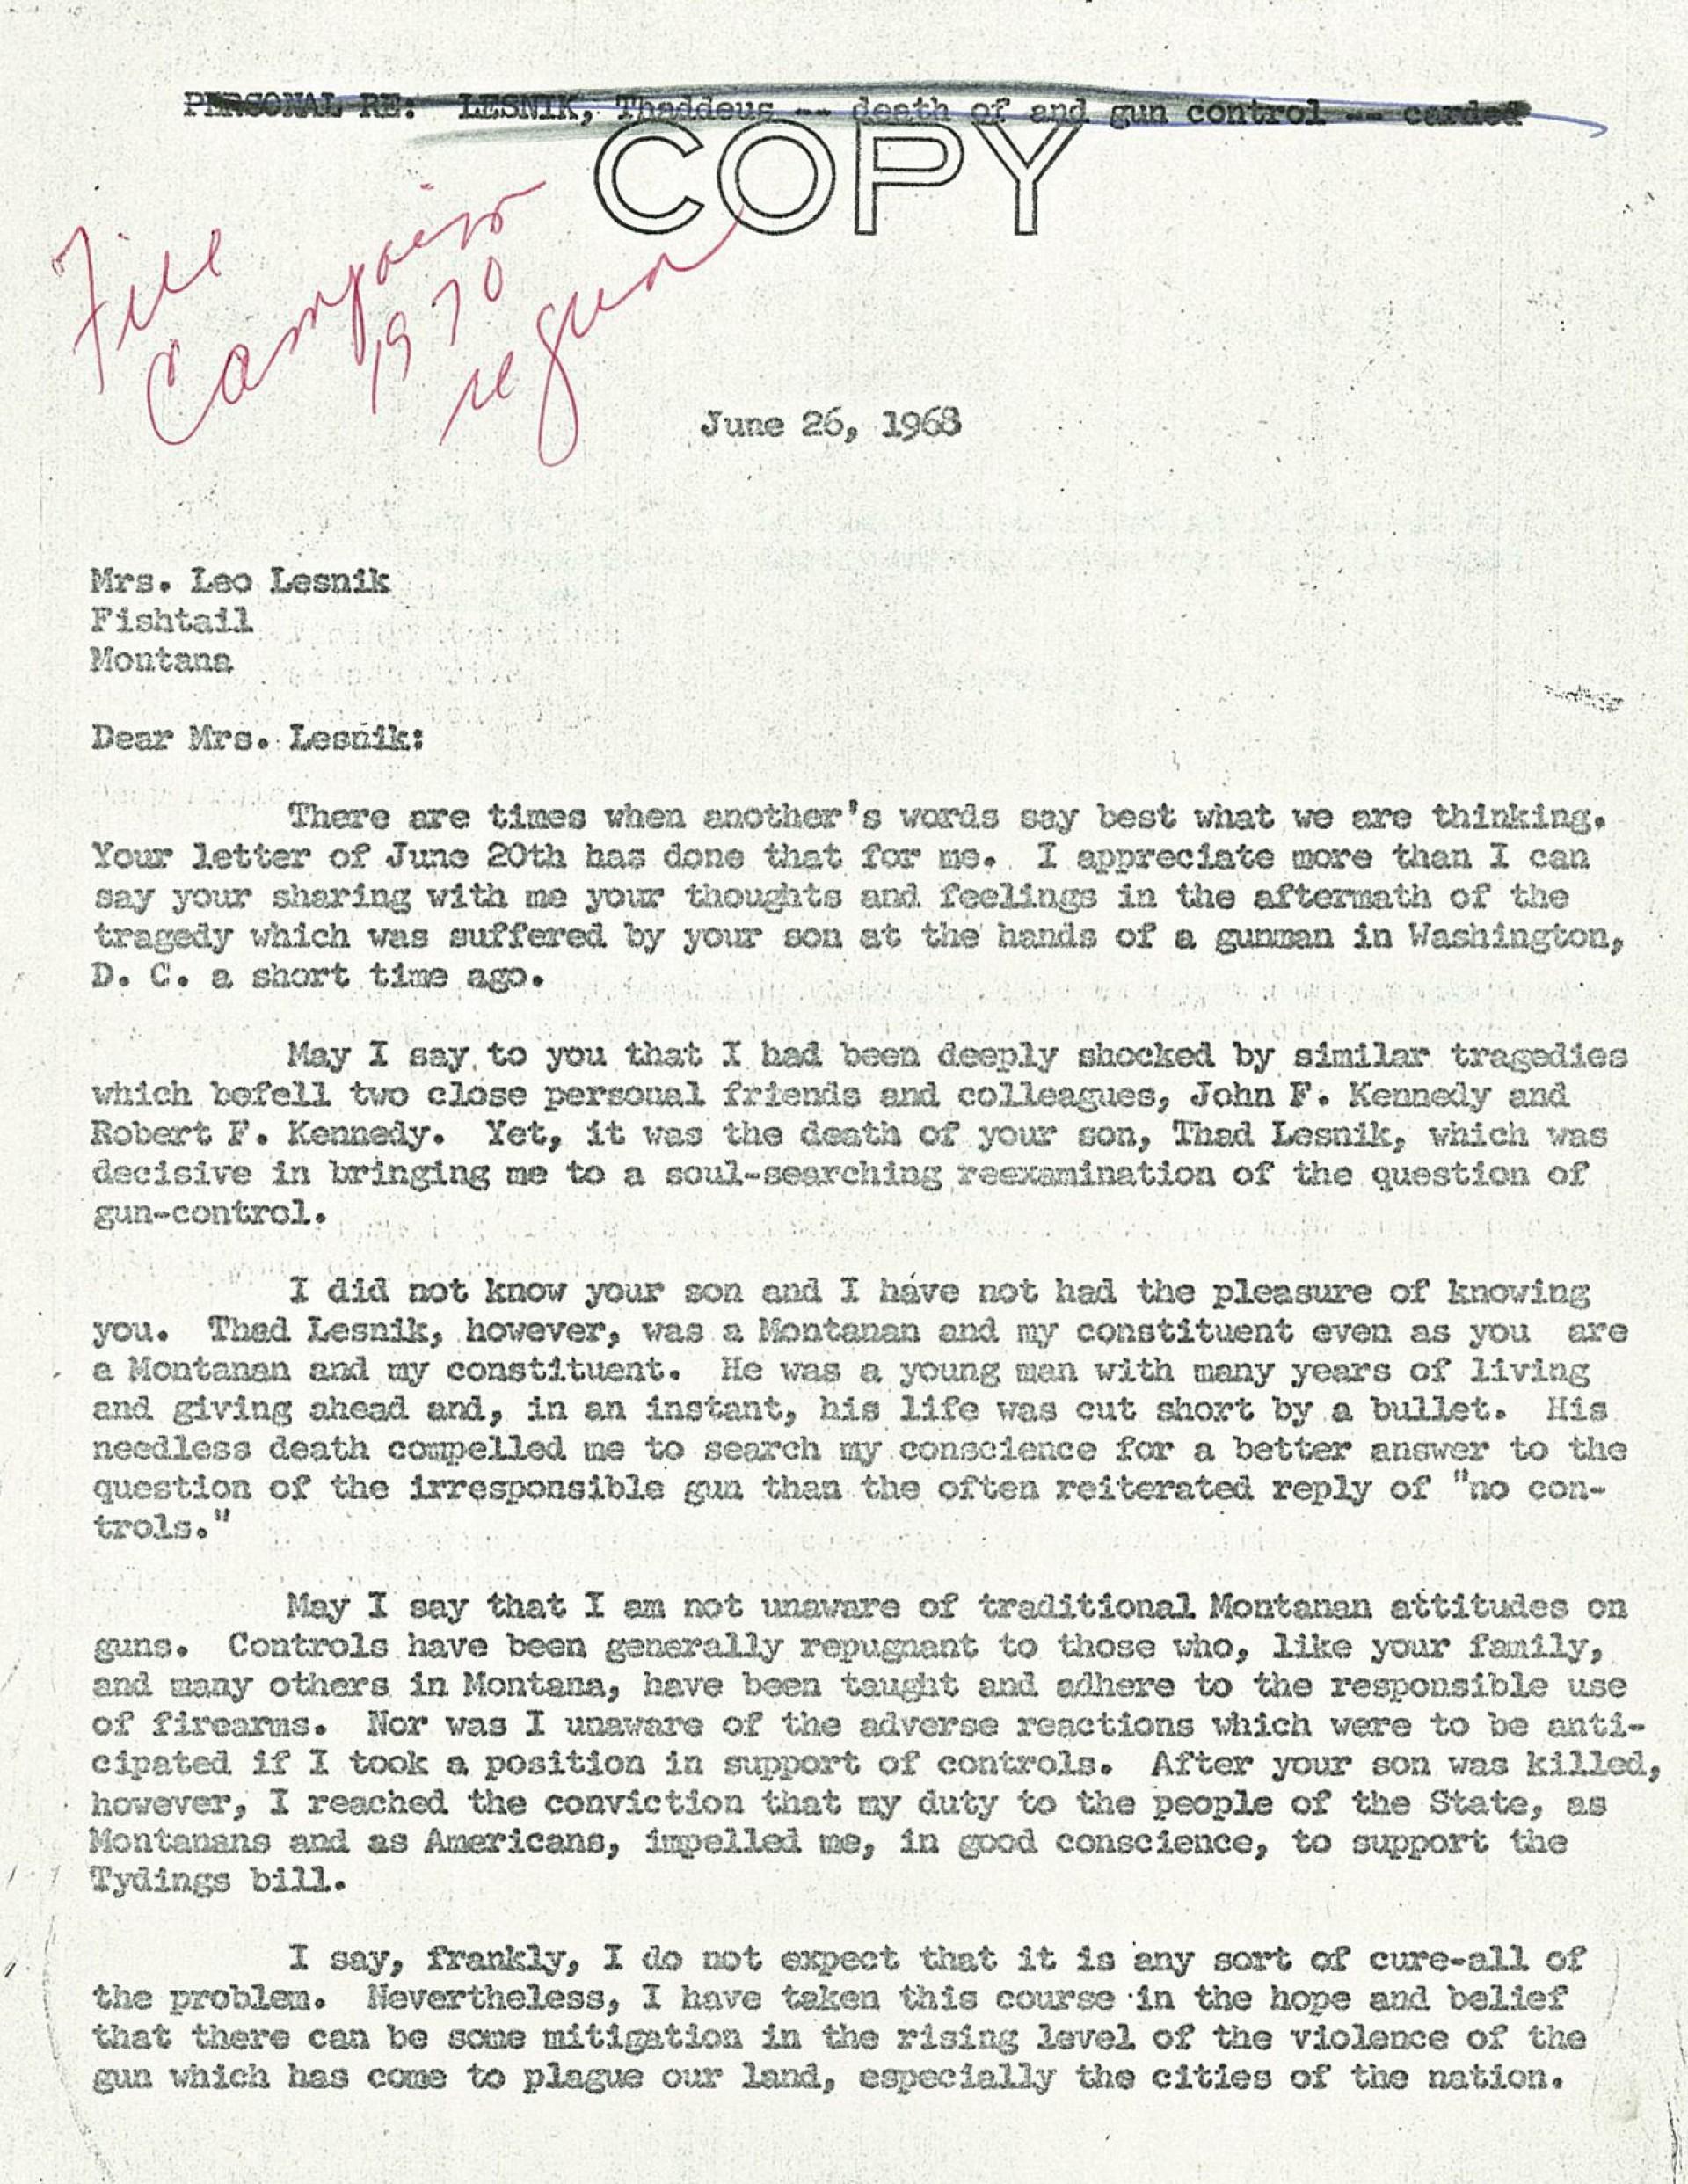 005 Gun Control Argumentative Essay Pro Essays Concl Outline Pdf Introduction Conclusion Topics Thesis Anti Against Phenomenal Titles Questions 1920